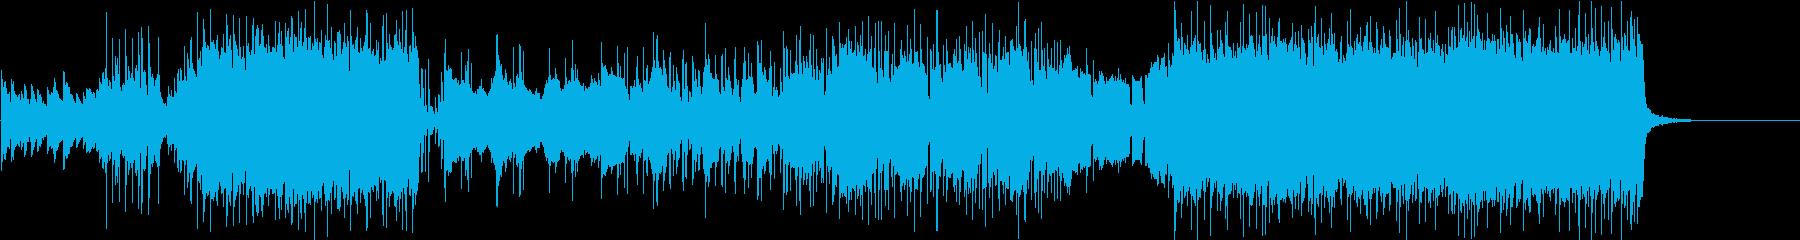 アニソン風ピアノとストリングス曲の再生済みの波形